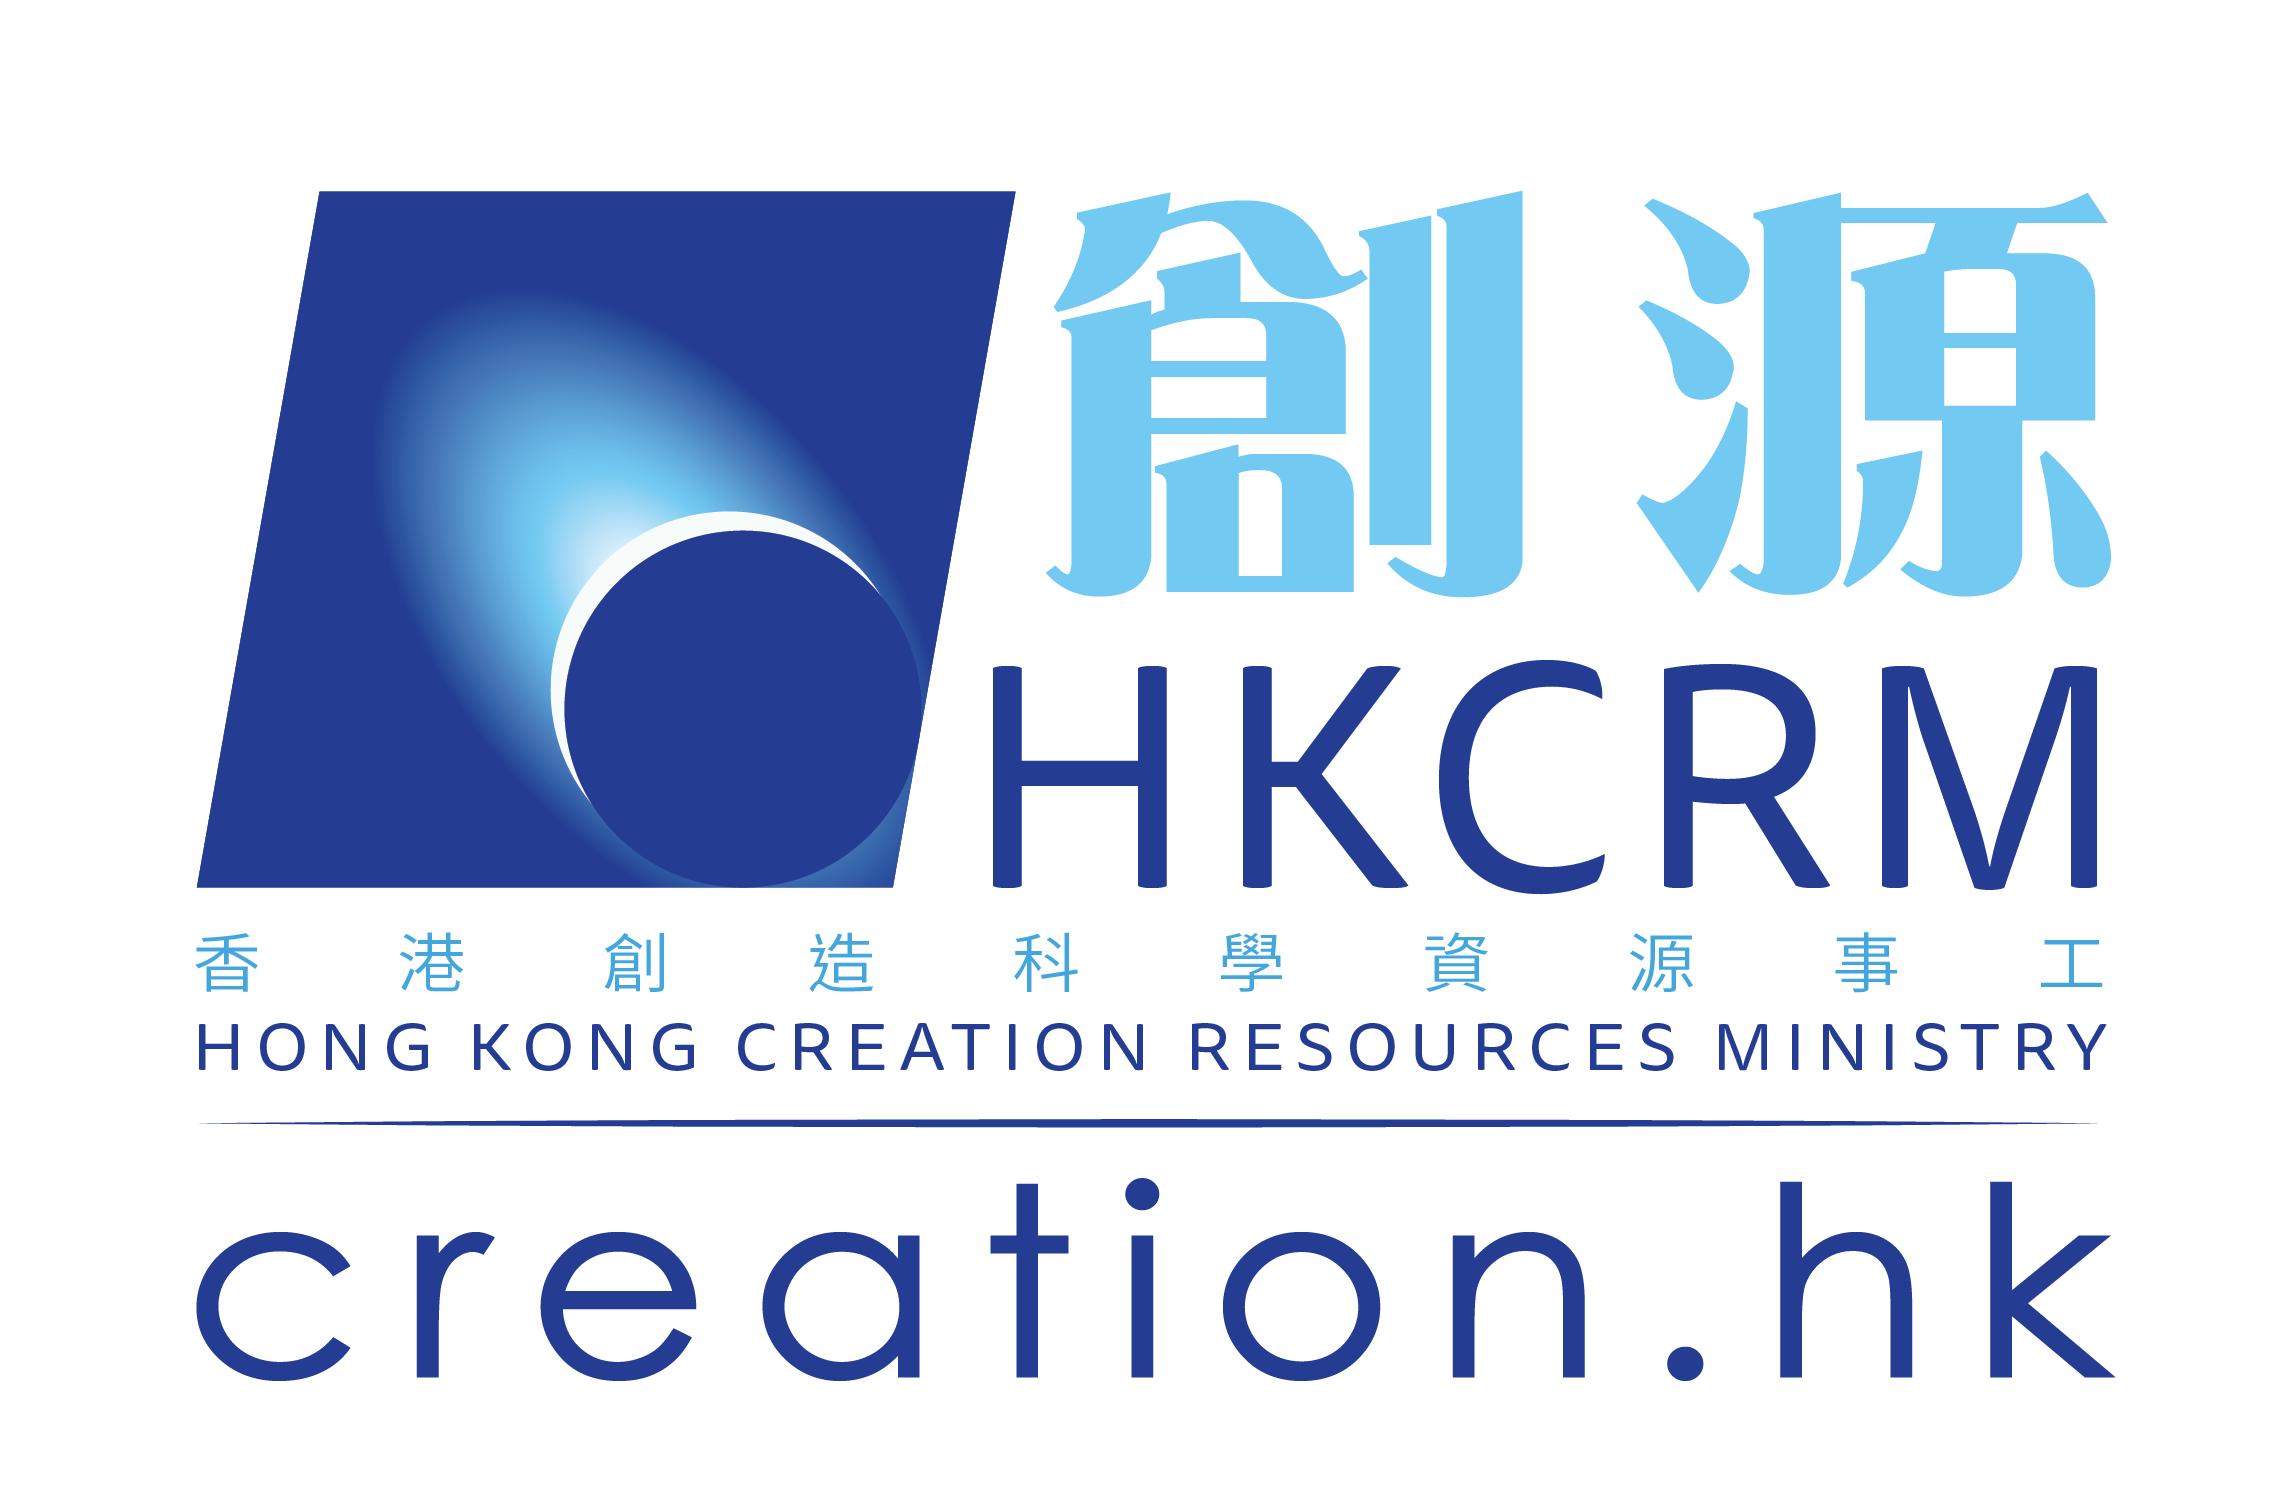 香港創造科學資源事工